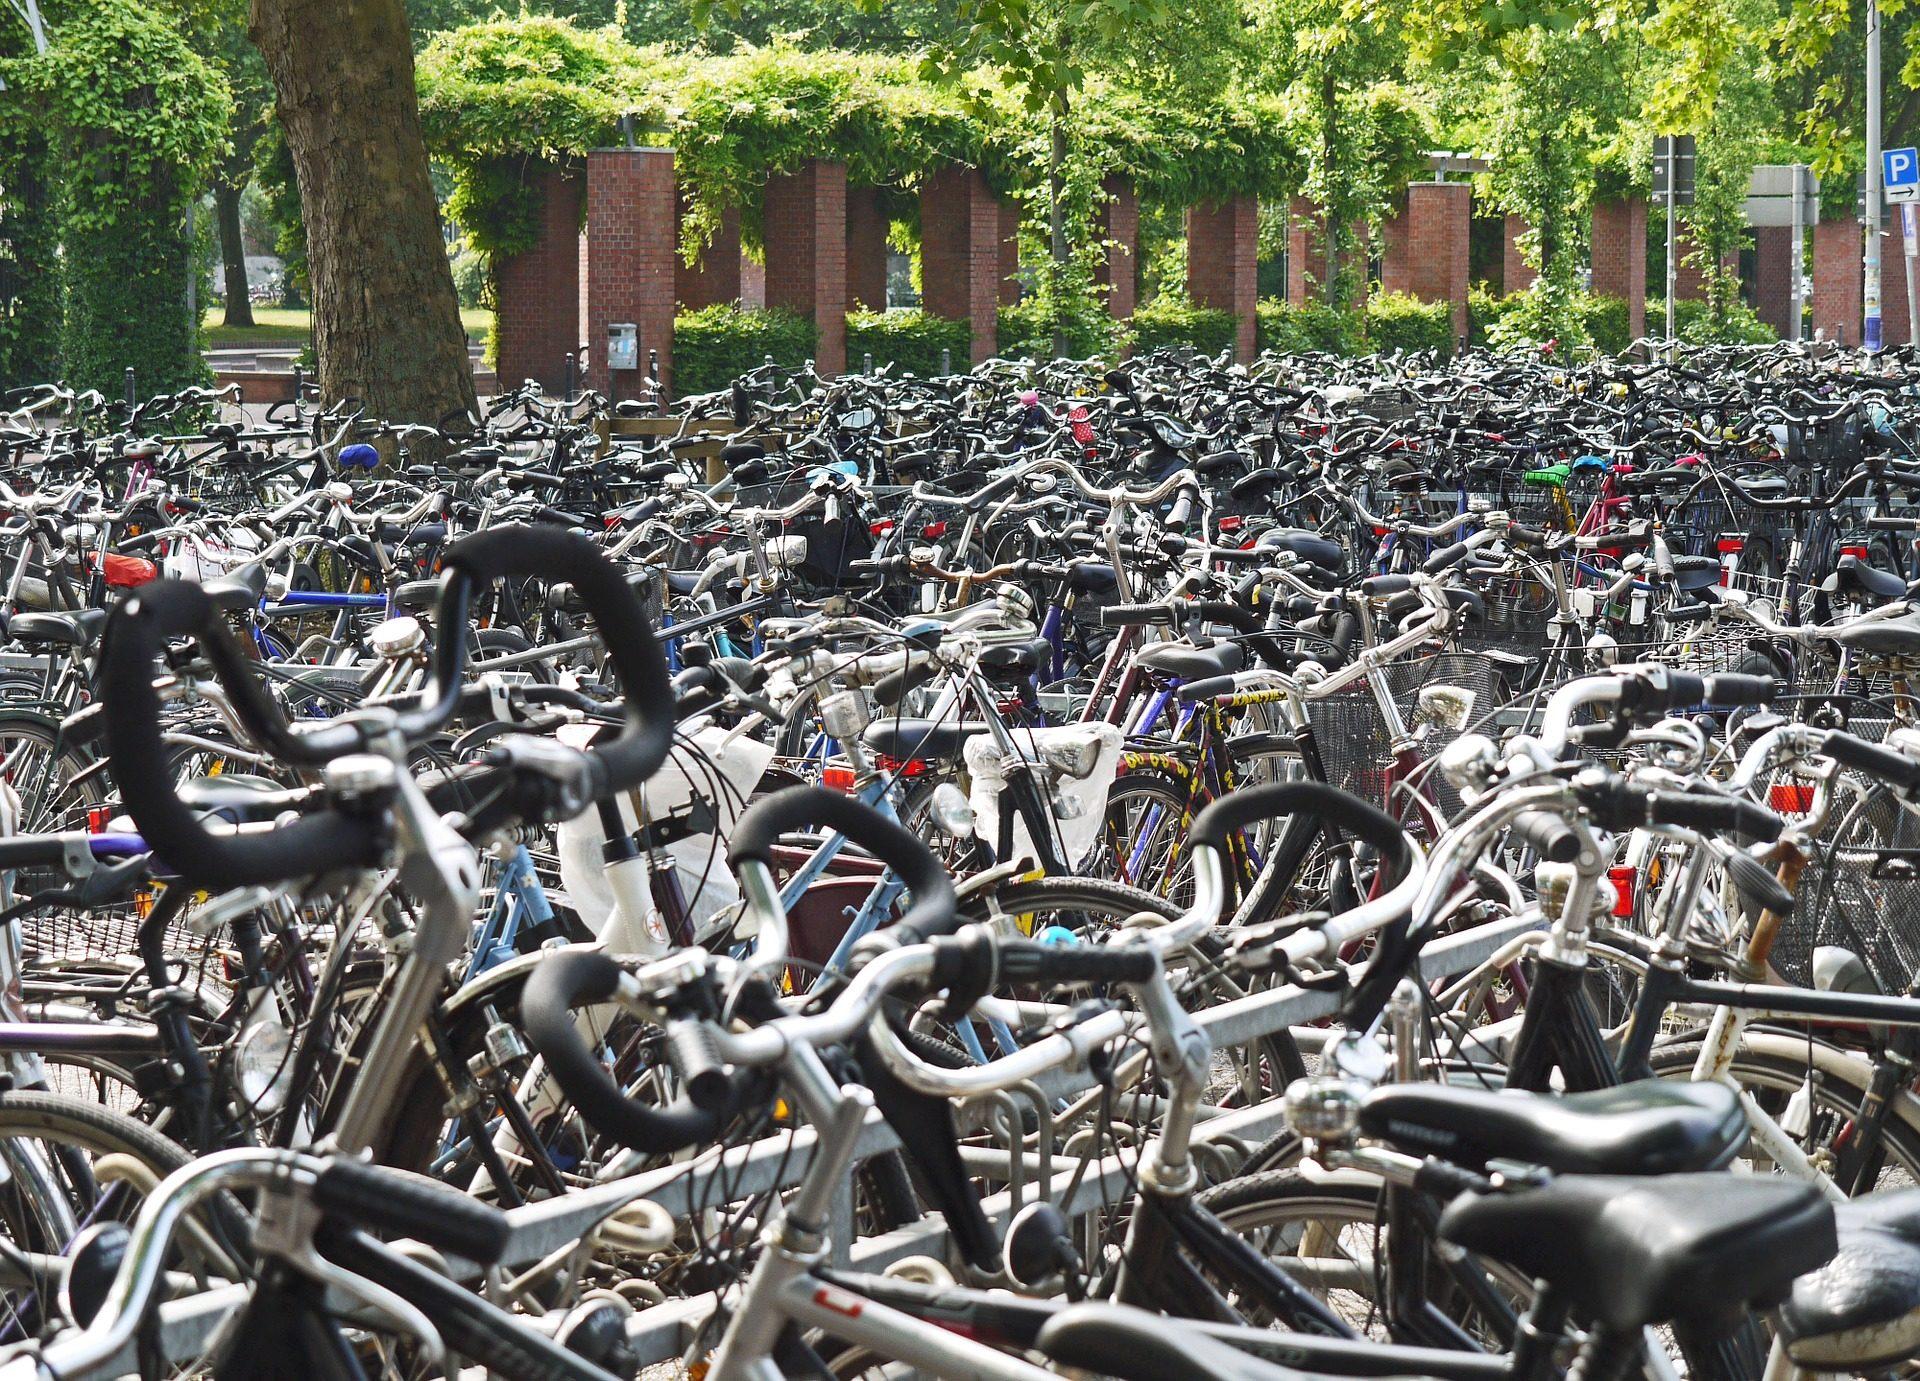 bicicletas, aparcamiento, parking, aglomeración, diversidad - Fondos de Pantalla HD - professor-falken.com